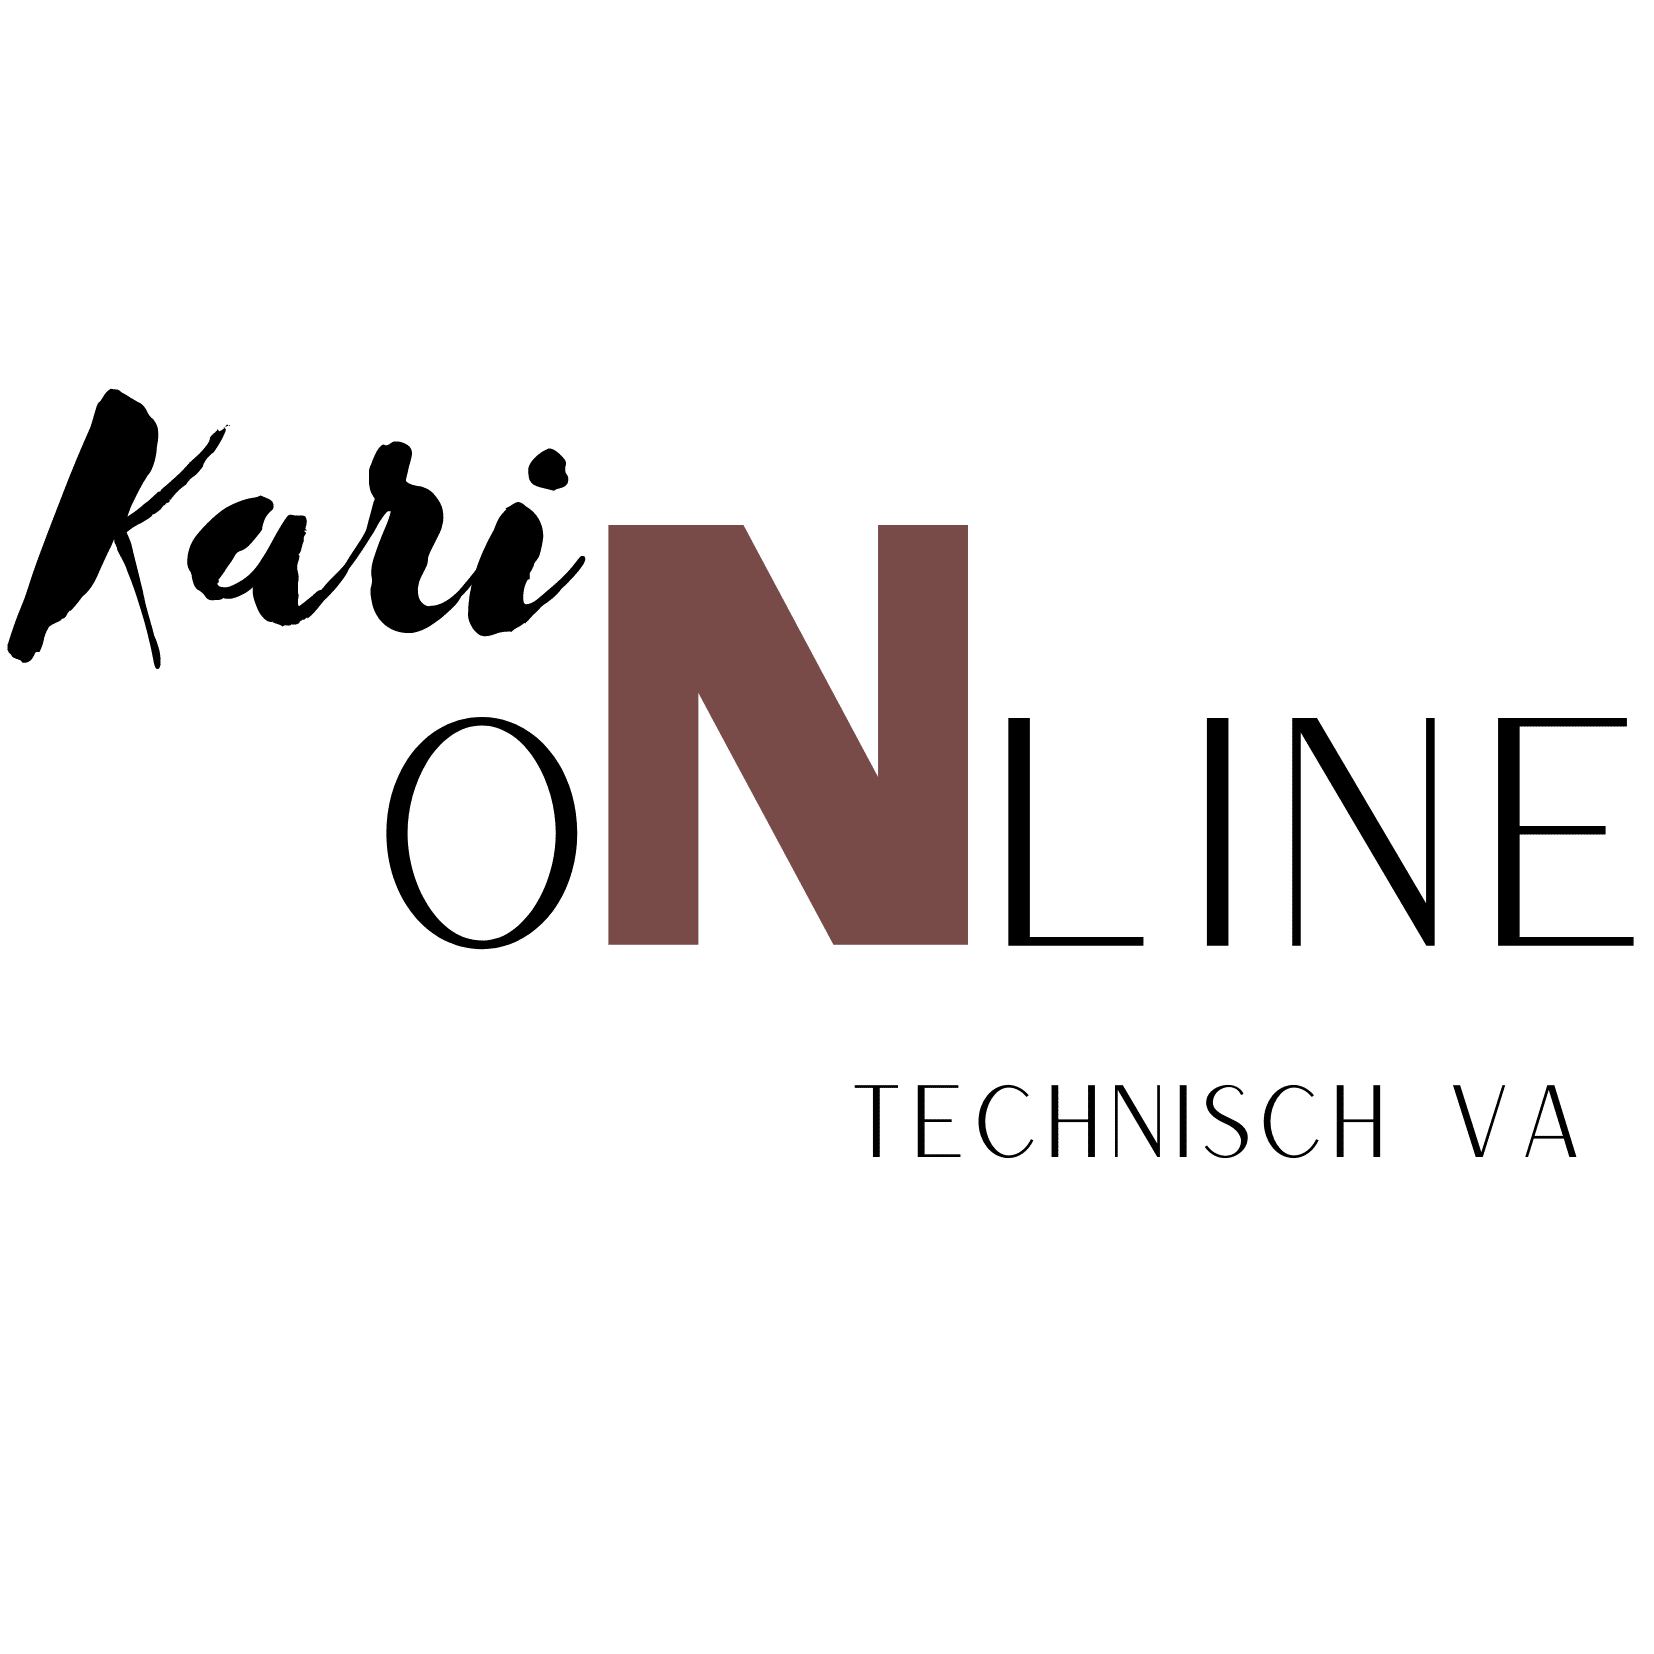 Karin Online